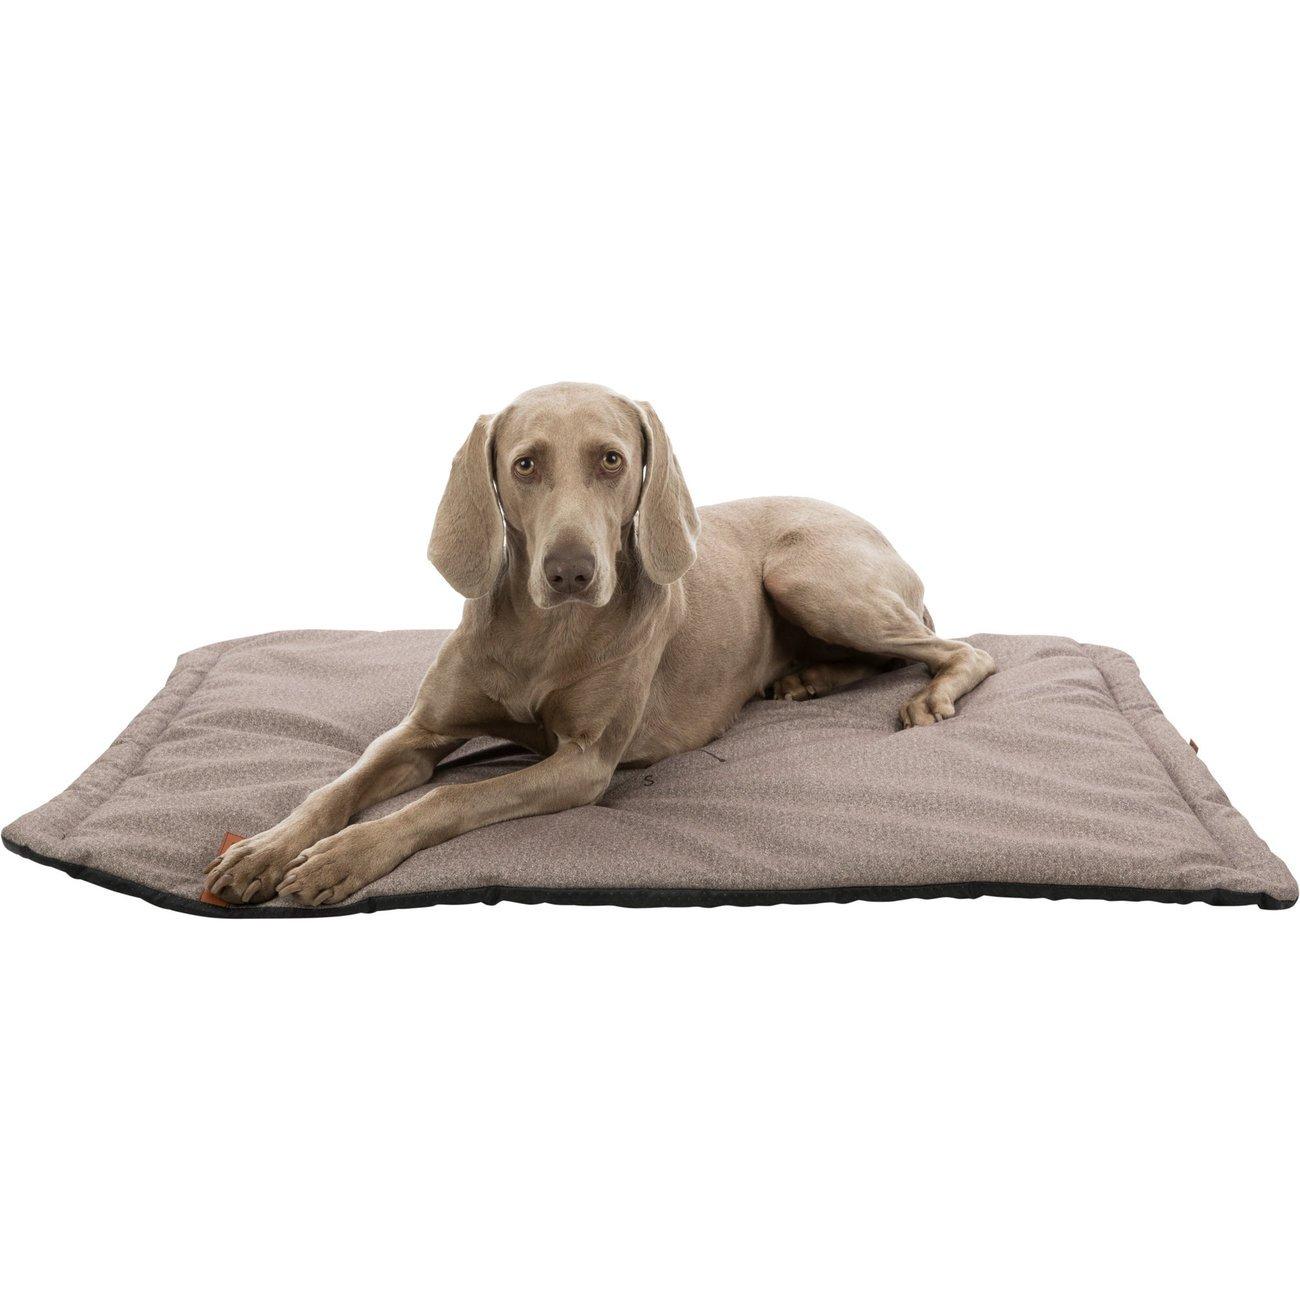 TRIXIE BE NORDIC Liegematte für Hunde Föhr Soft 28520, Bild 4